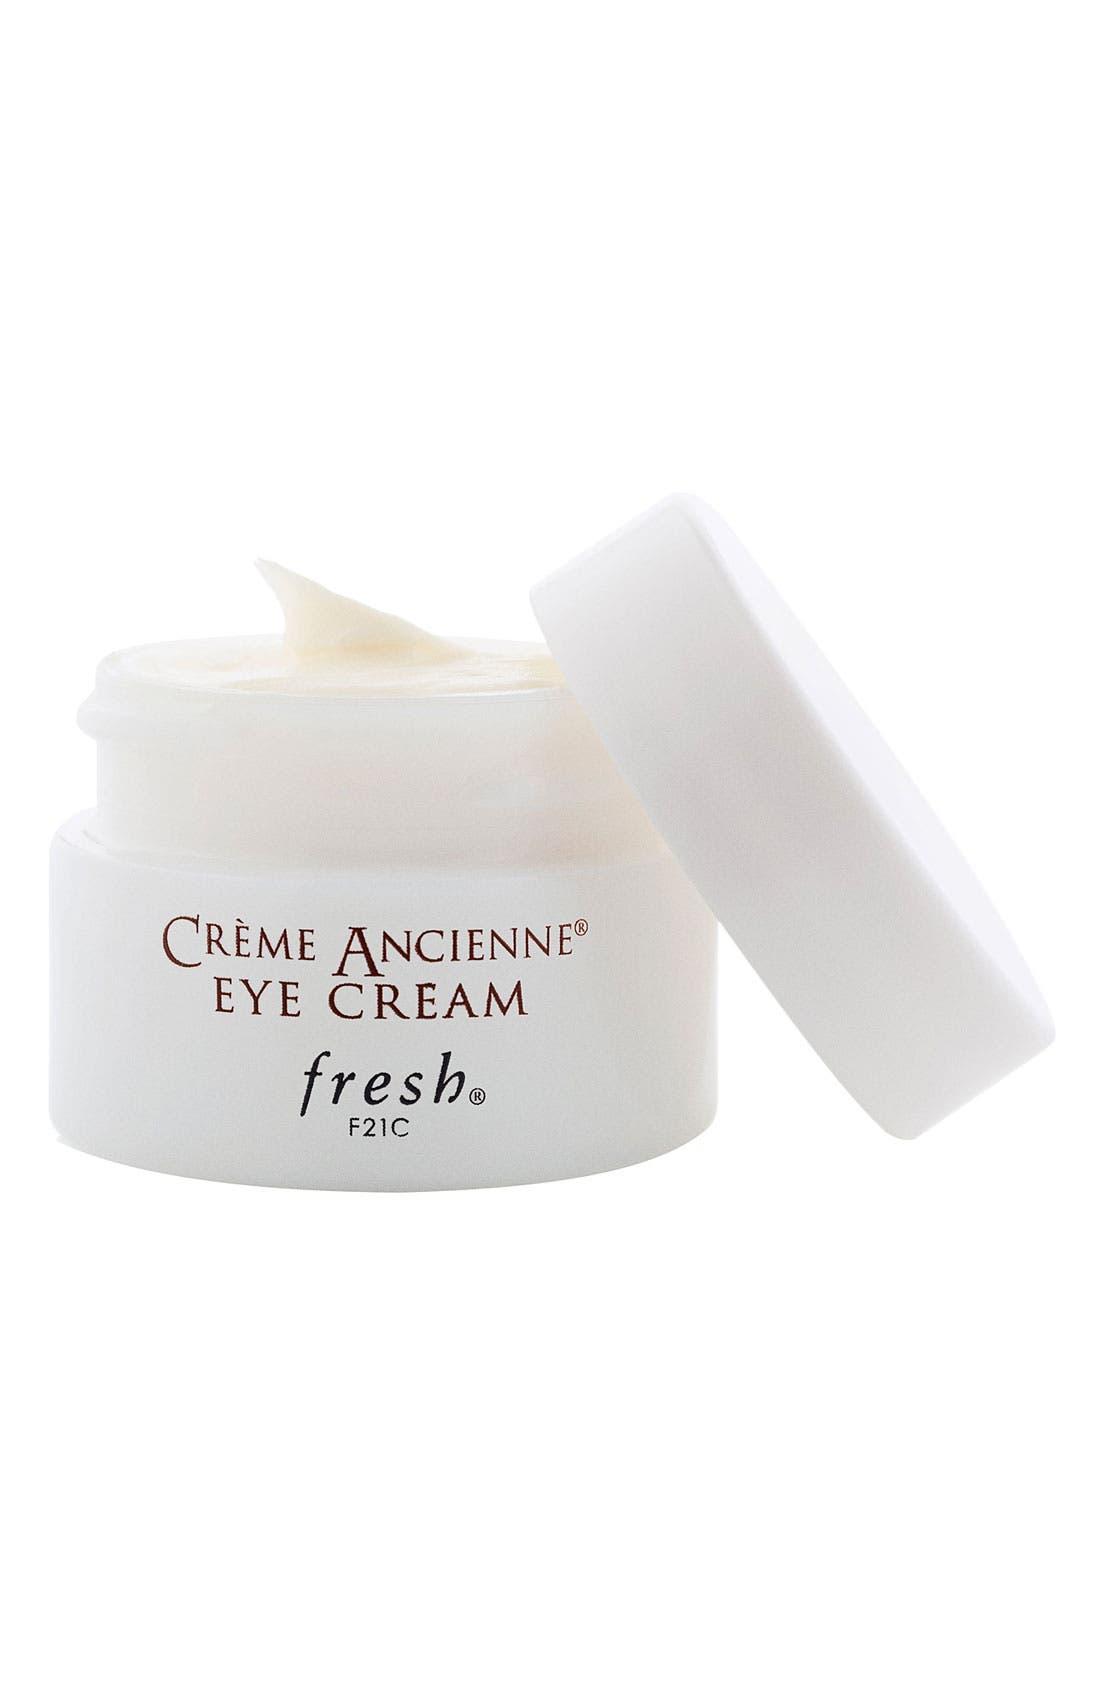 Crème Ancienne<sup>®</sup> Eye Cream,                             Alternate thumbnail 4, color,                             NO COLOR